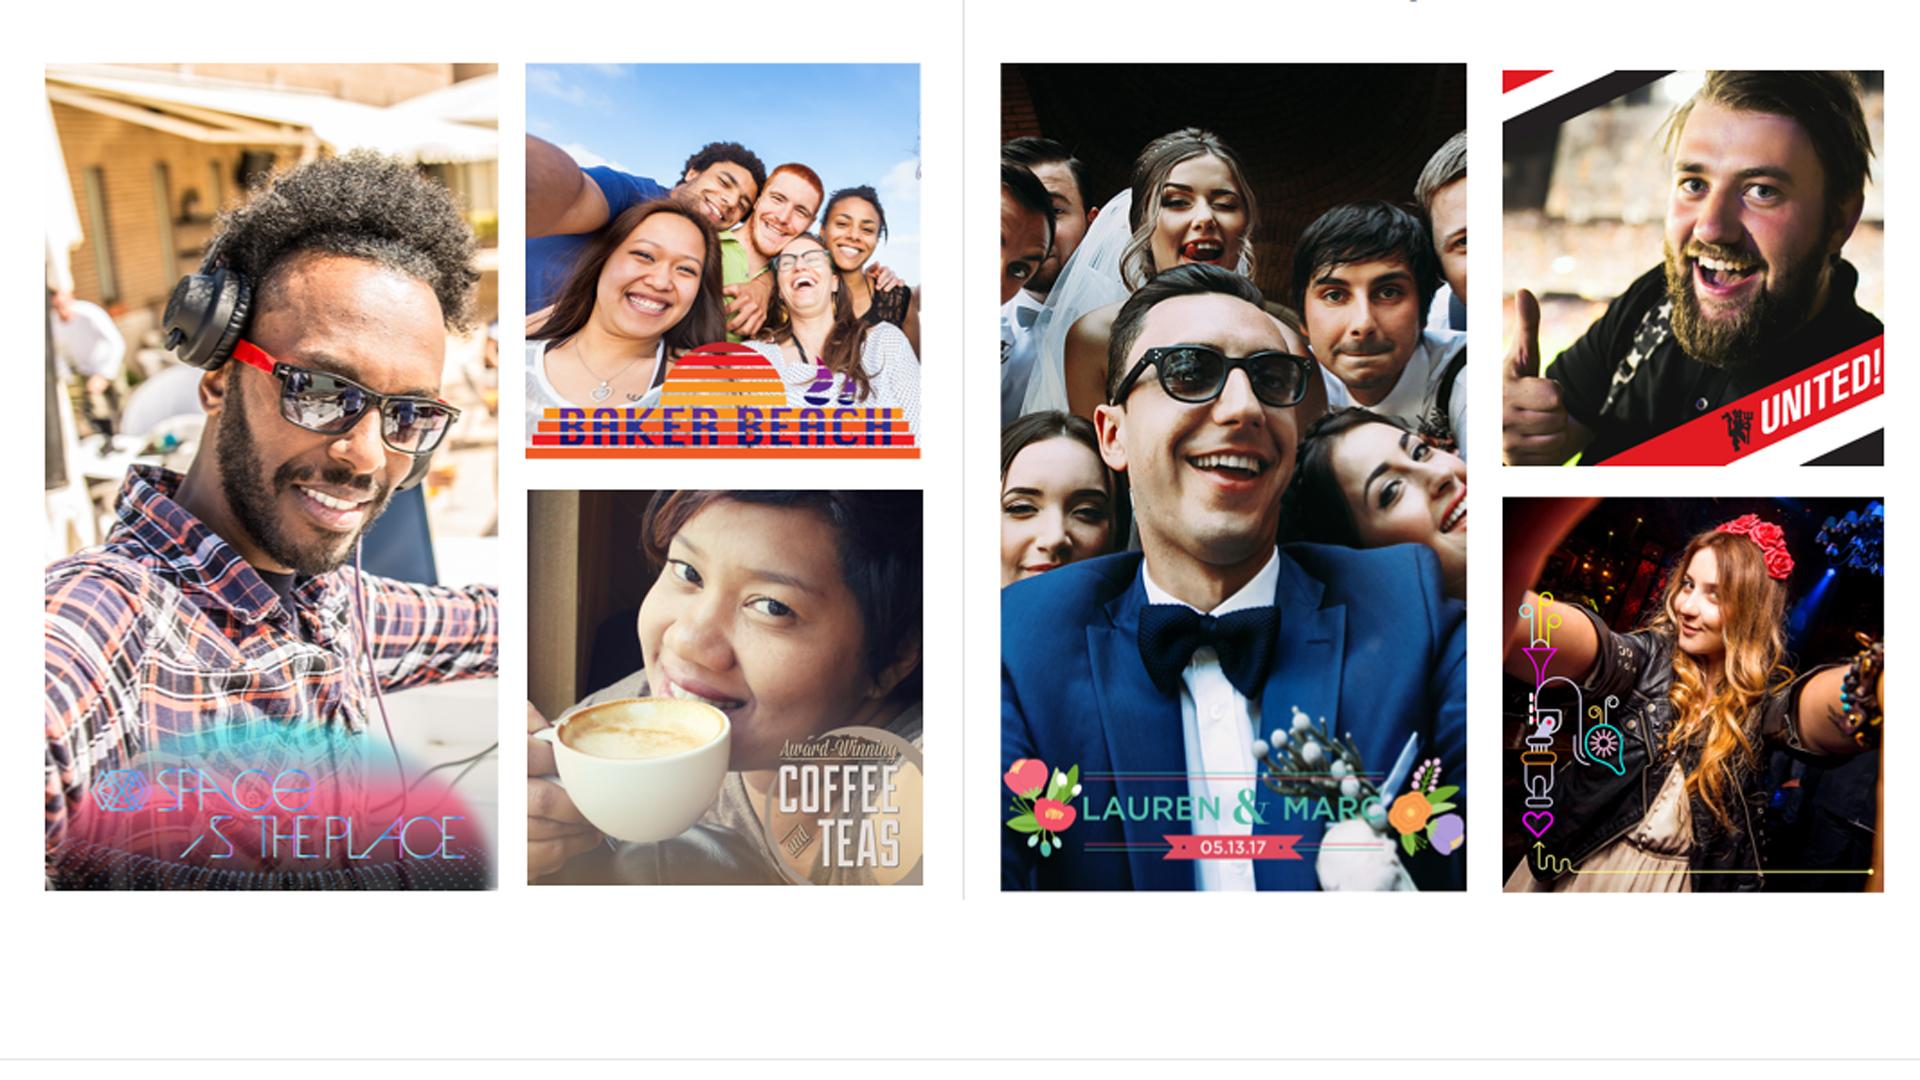 Eigene Rahmen-Designs für Profilbilder auf Facebook verfügbar